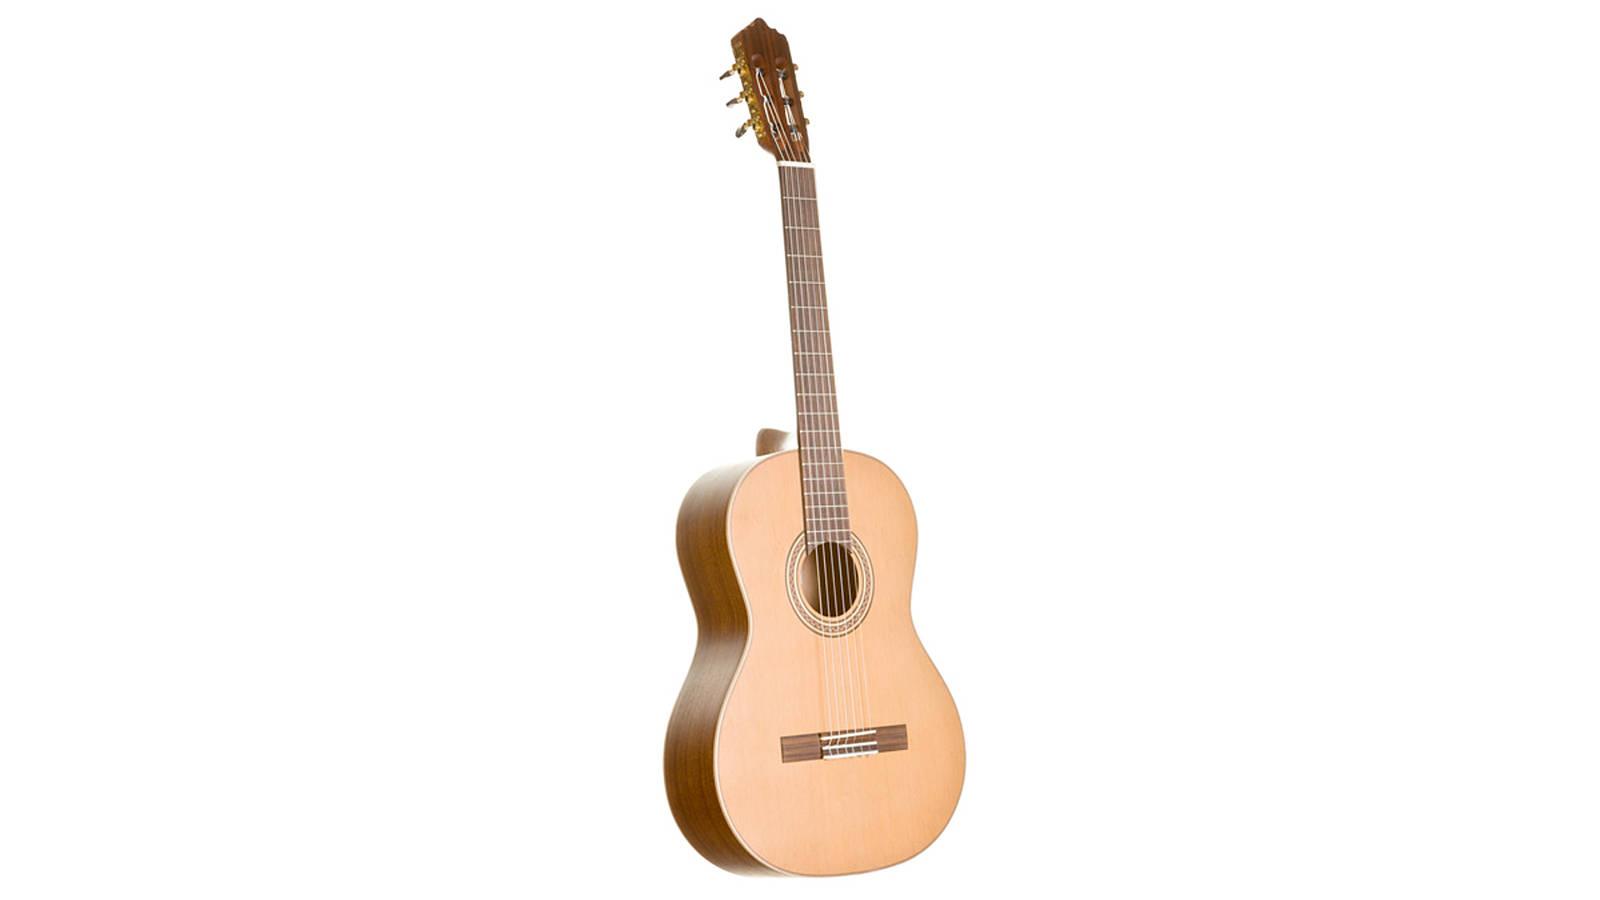 La Mancha Rubi CM SN 59 Konzertgitarre 3/4